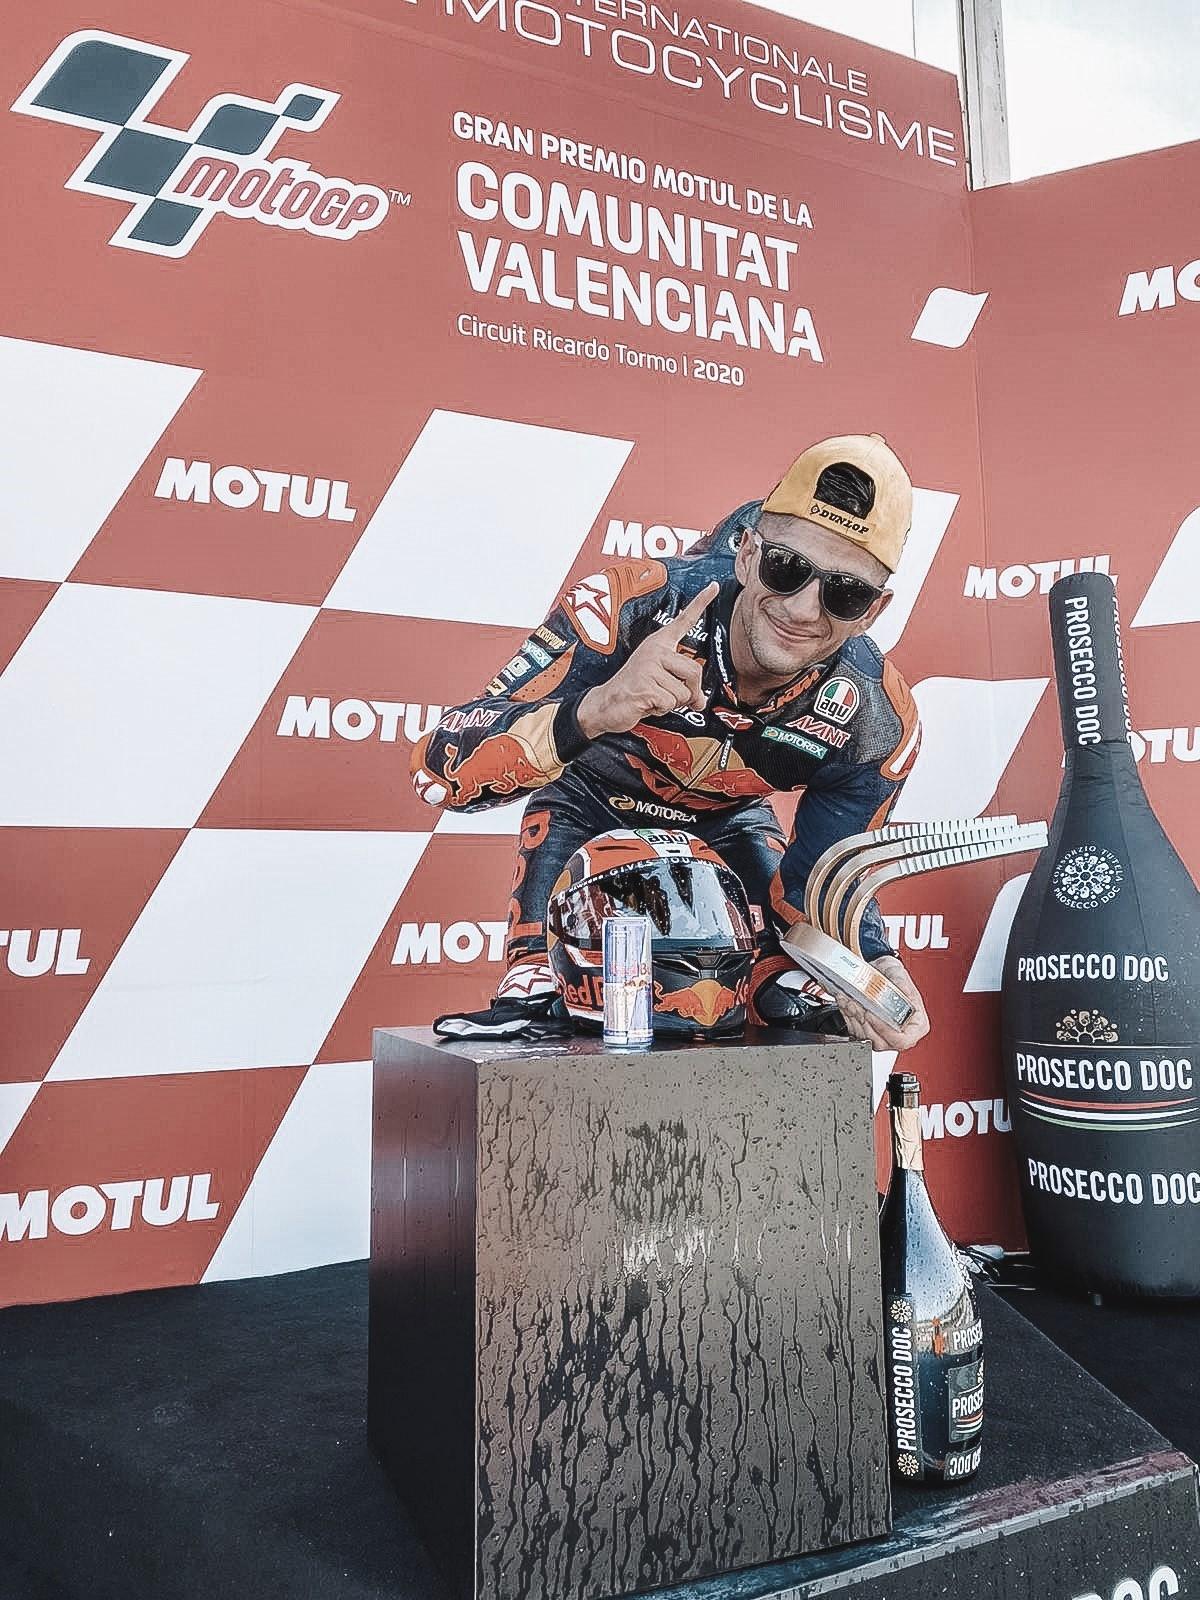 Victoria de Jorge Martín en el GP de Valencia | Fuente: Moto GP Oficial